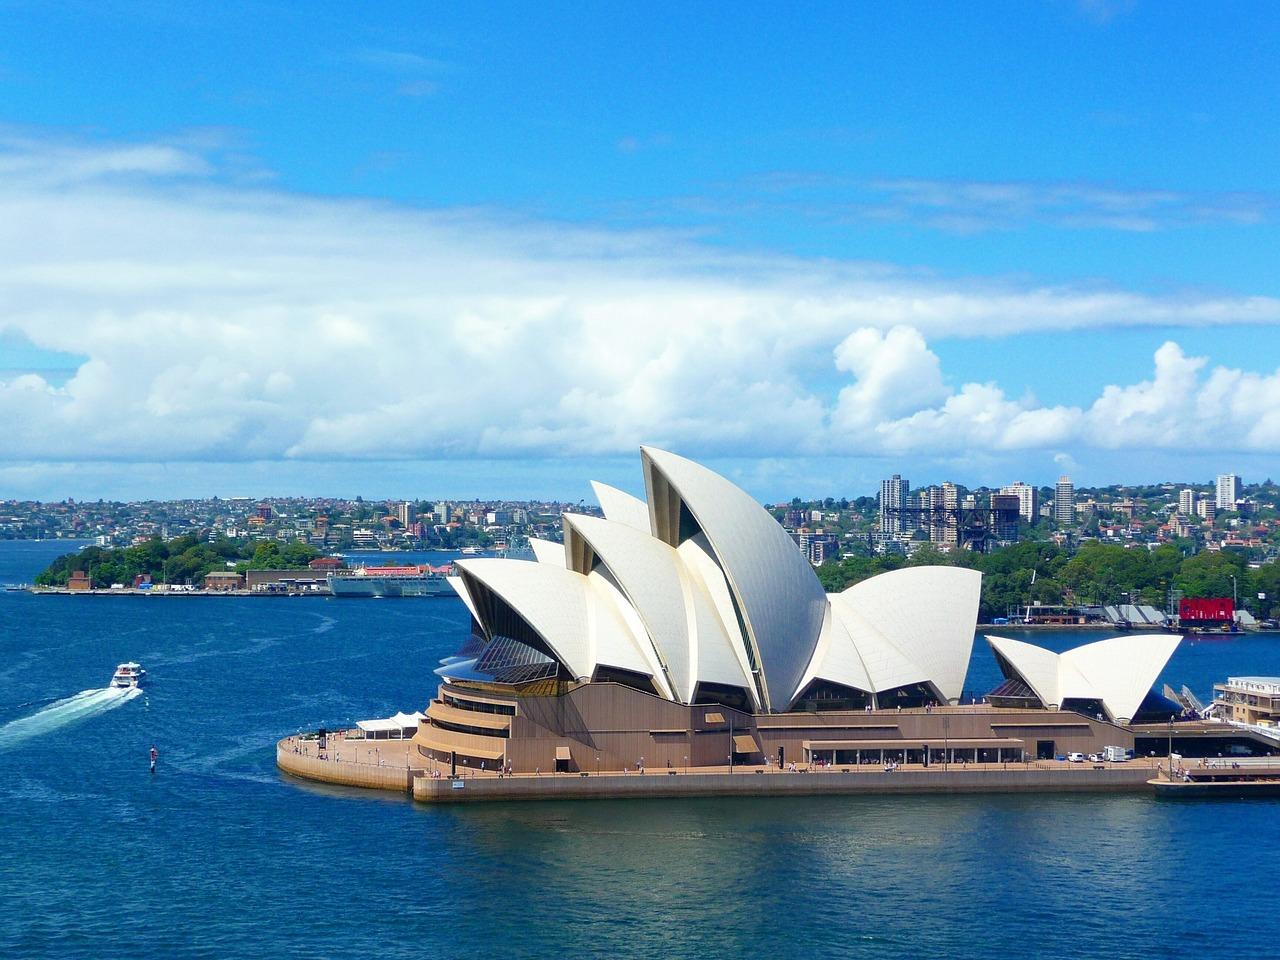 Top 9 Beste Auto Rondreis Ideeën Door Australie